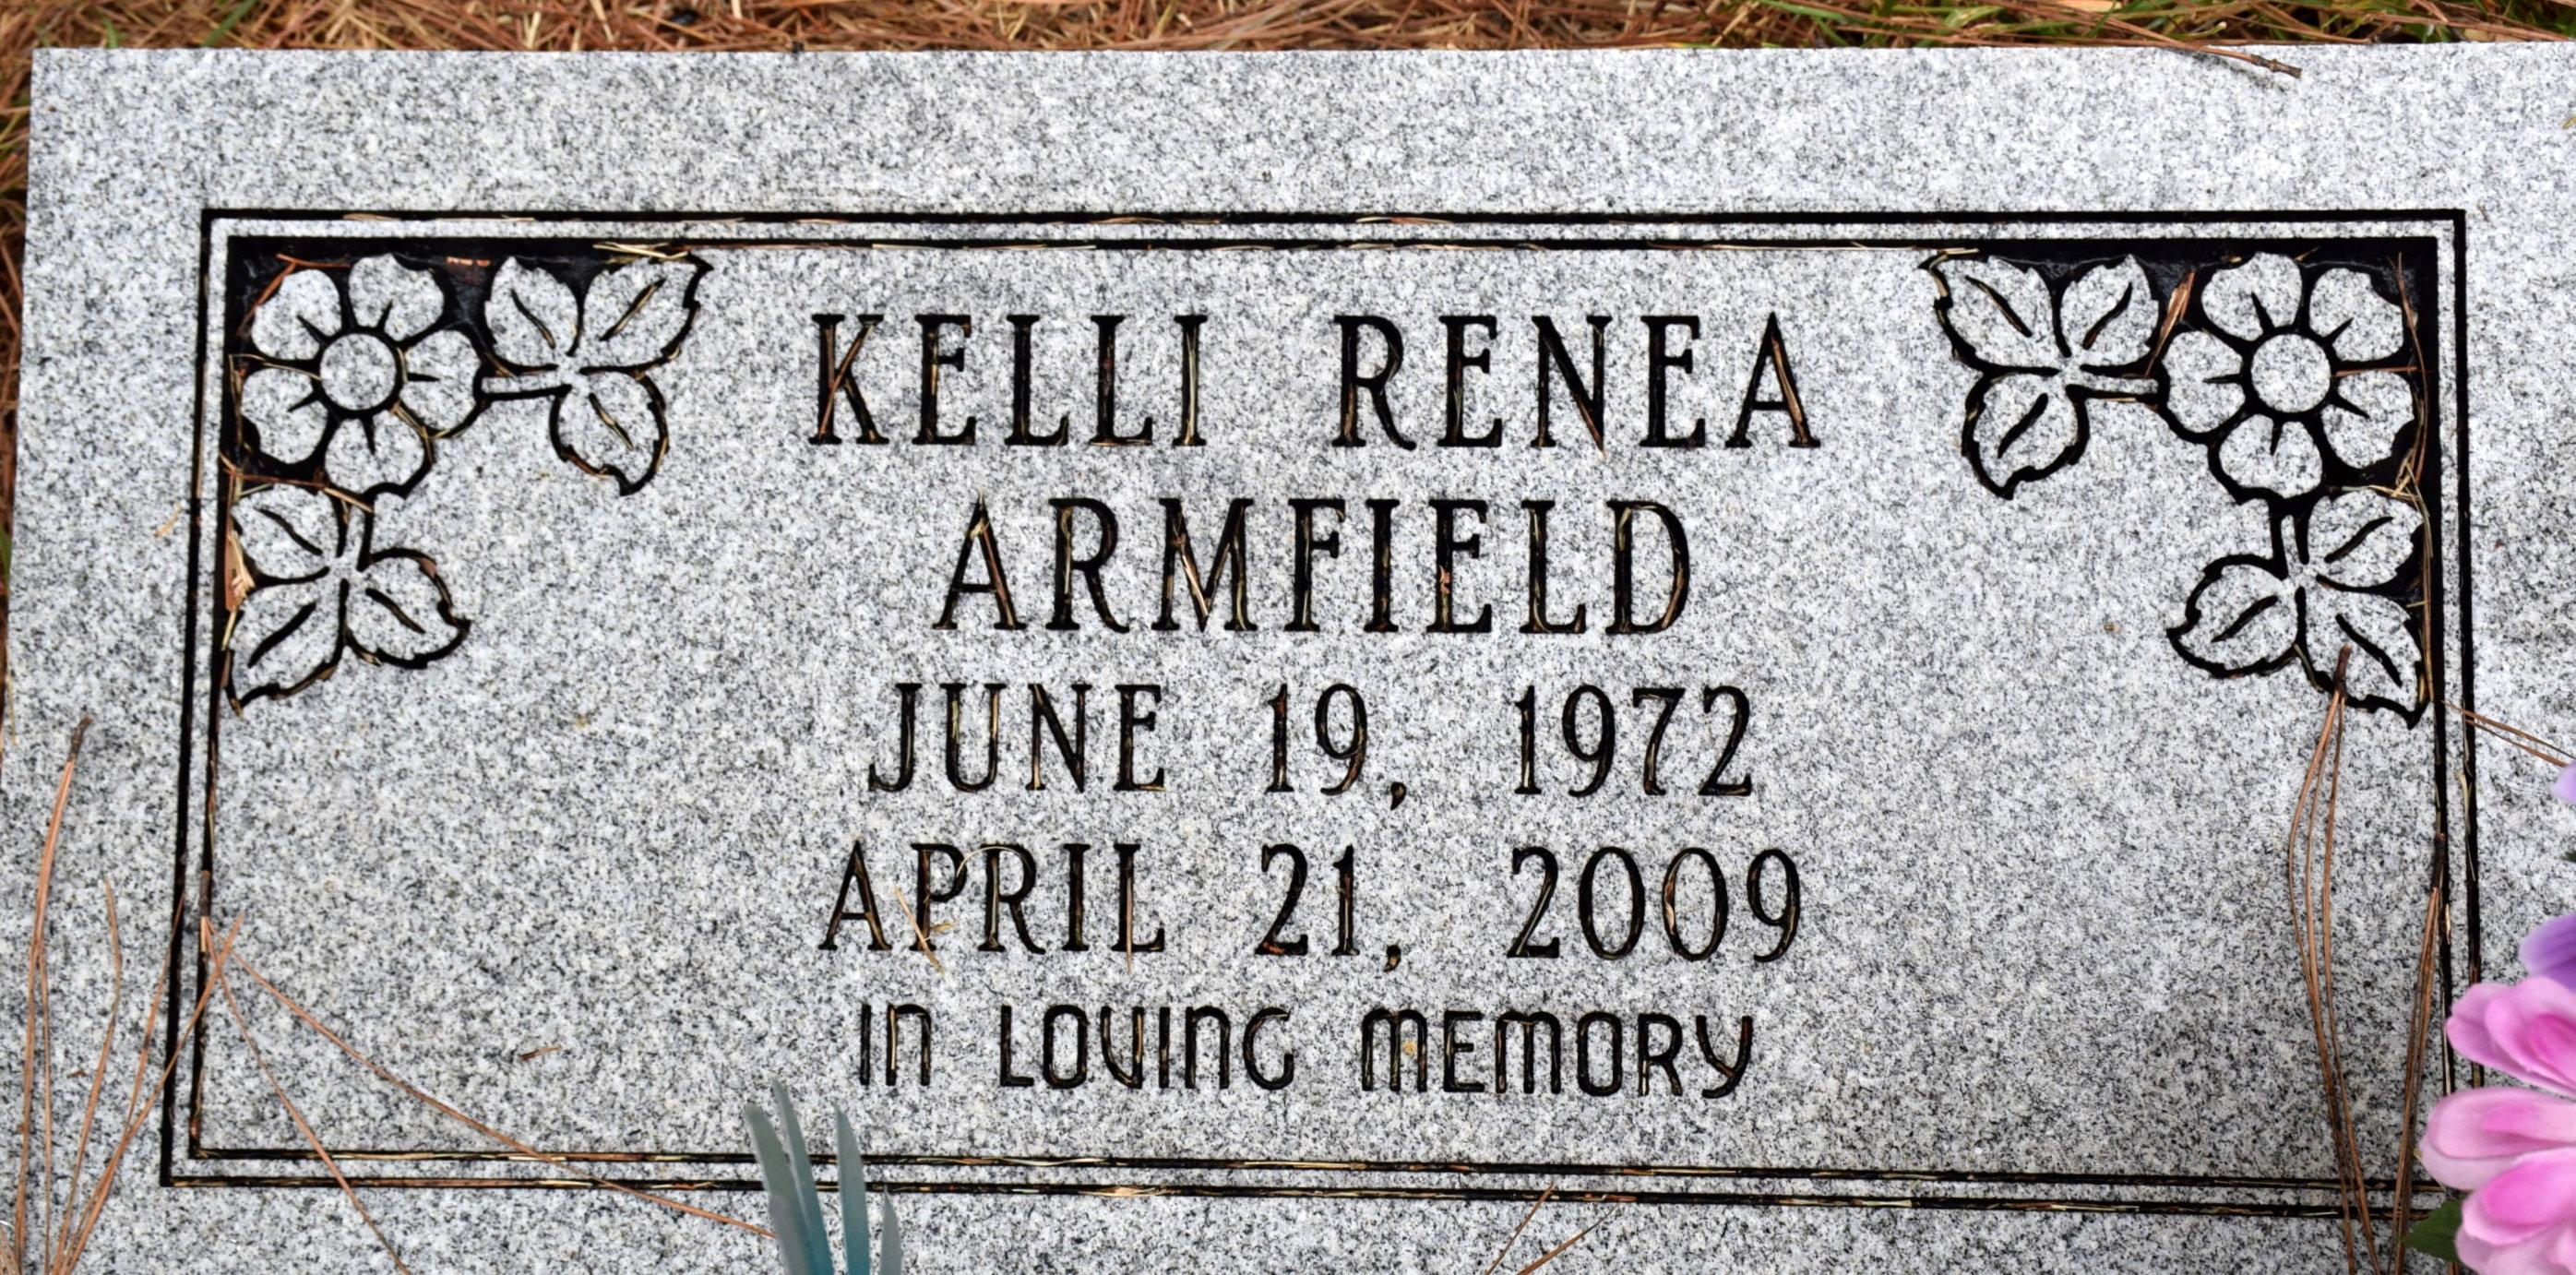 Kelli Renea Armfield